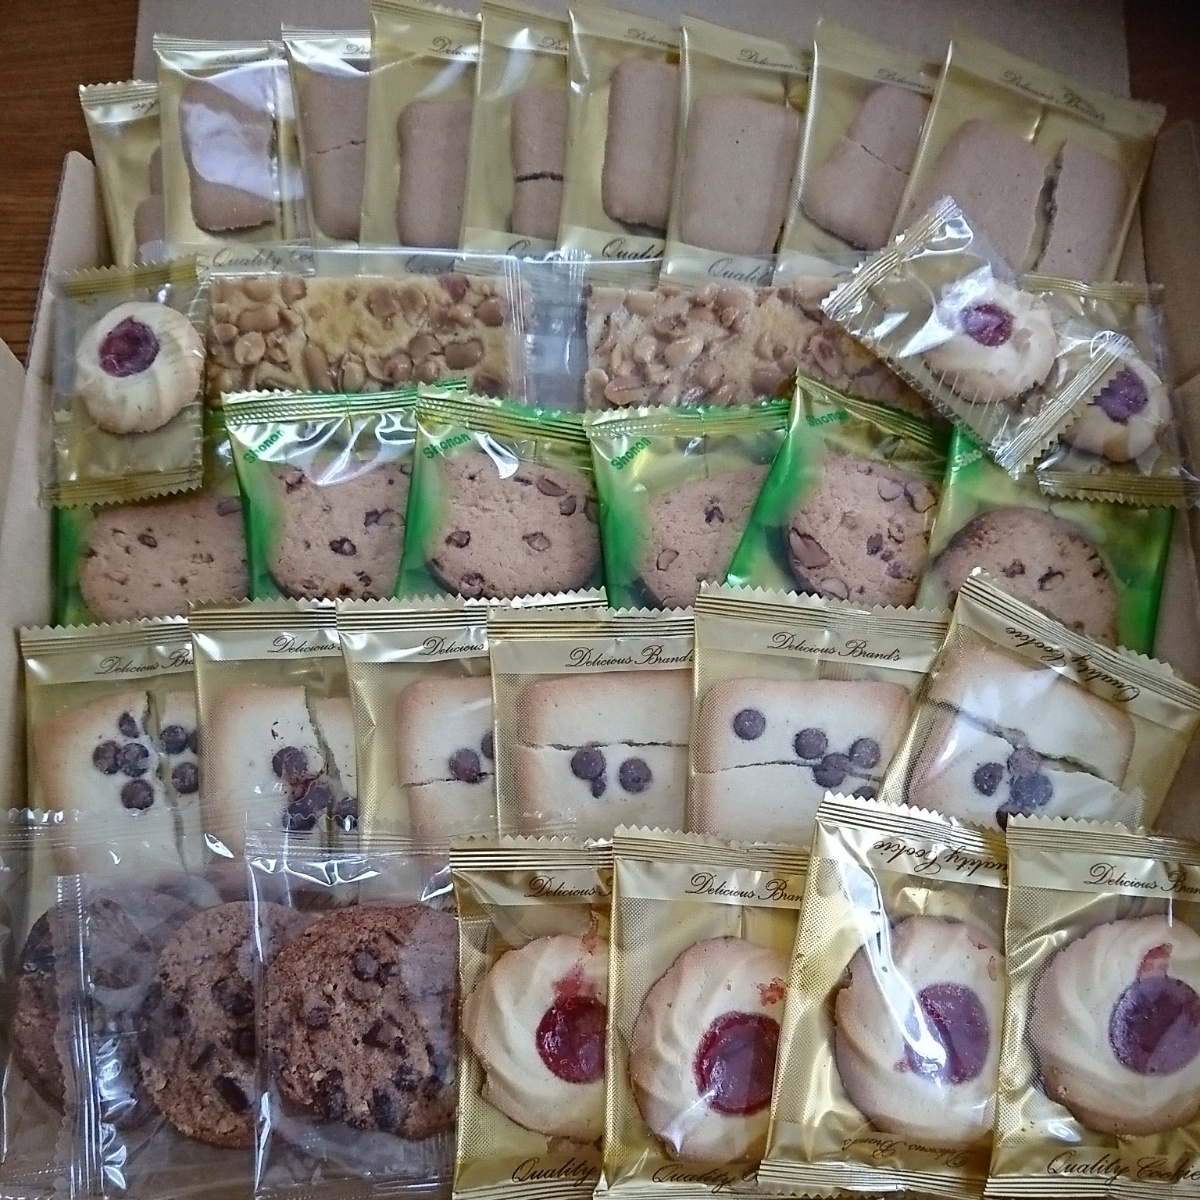 送料210円 湘南クッキー 湘南銘菓 アウトレットお菓子 工場直売 ラングドシャ ラズリン 潮風と太陽 クッキー詰め合わせ クッキー 焼菓子